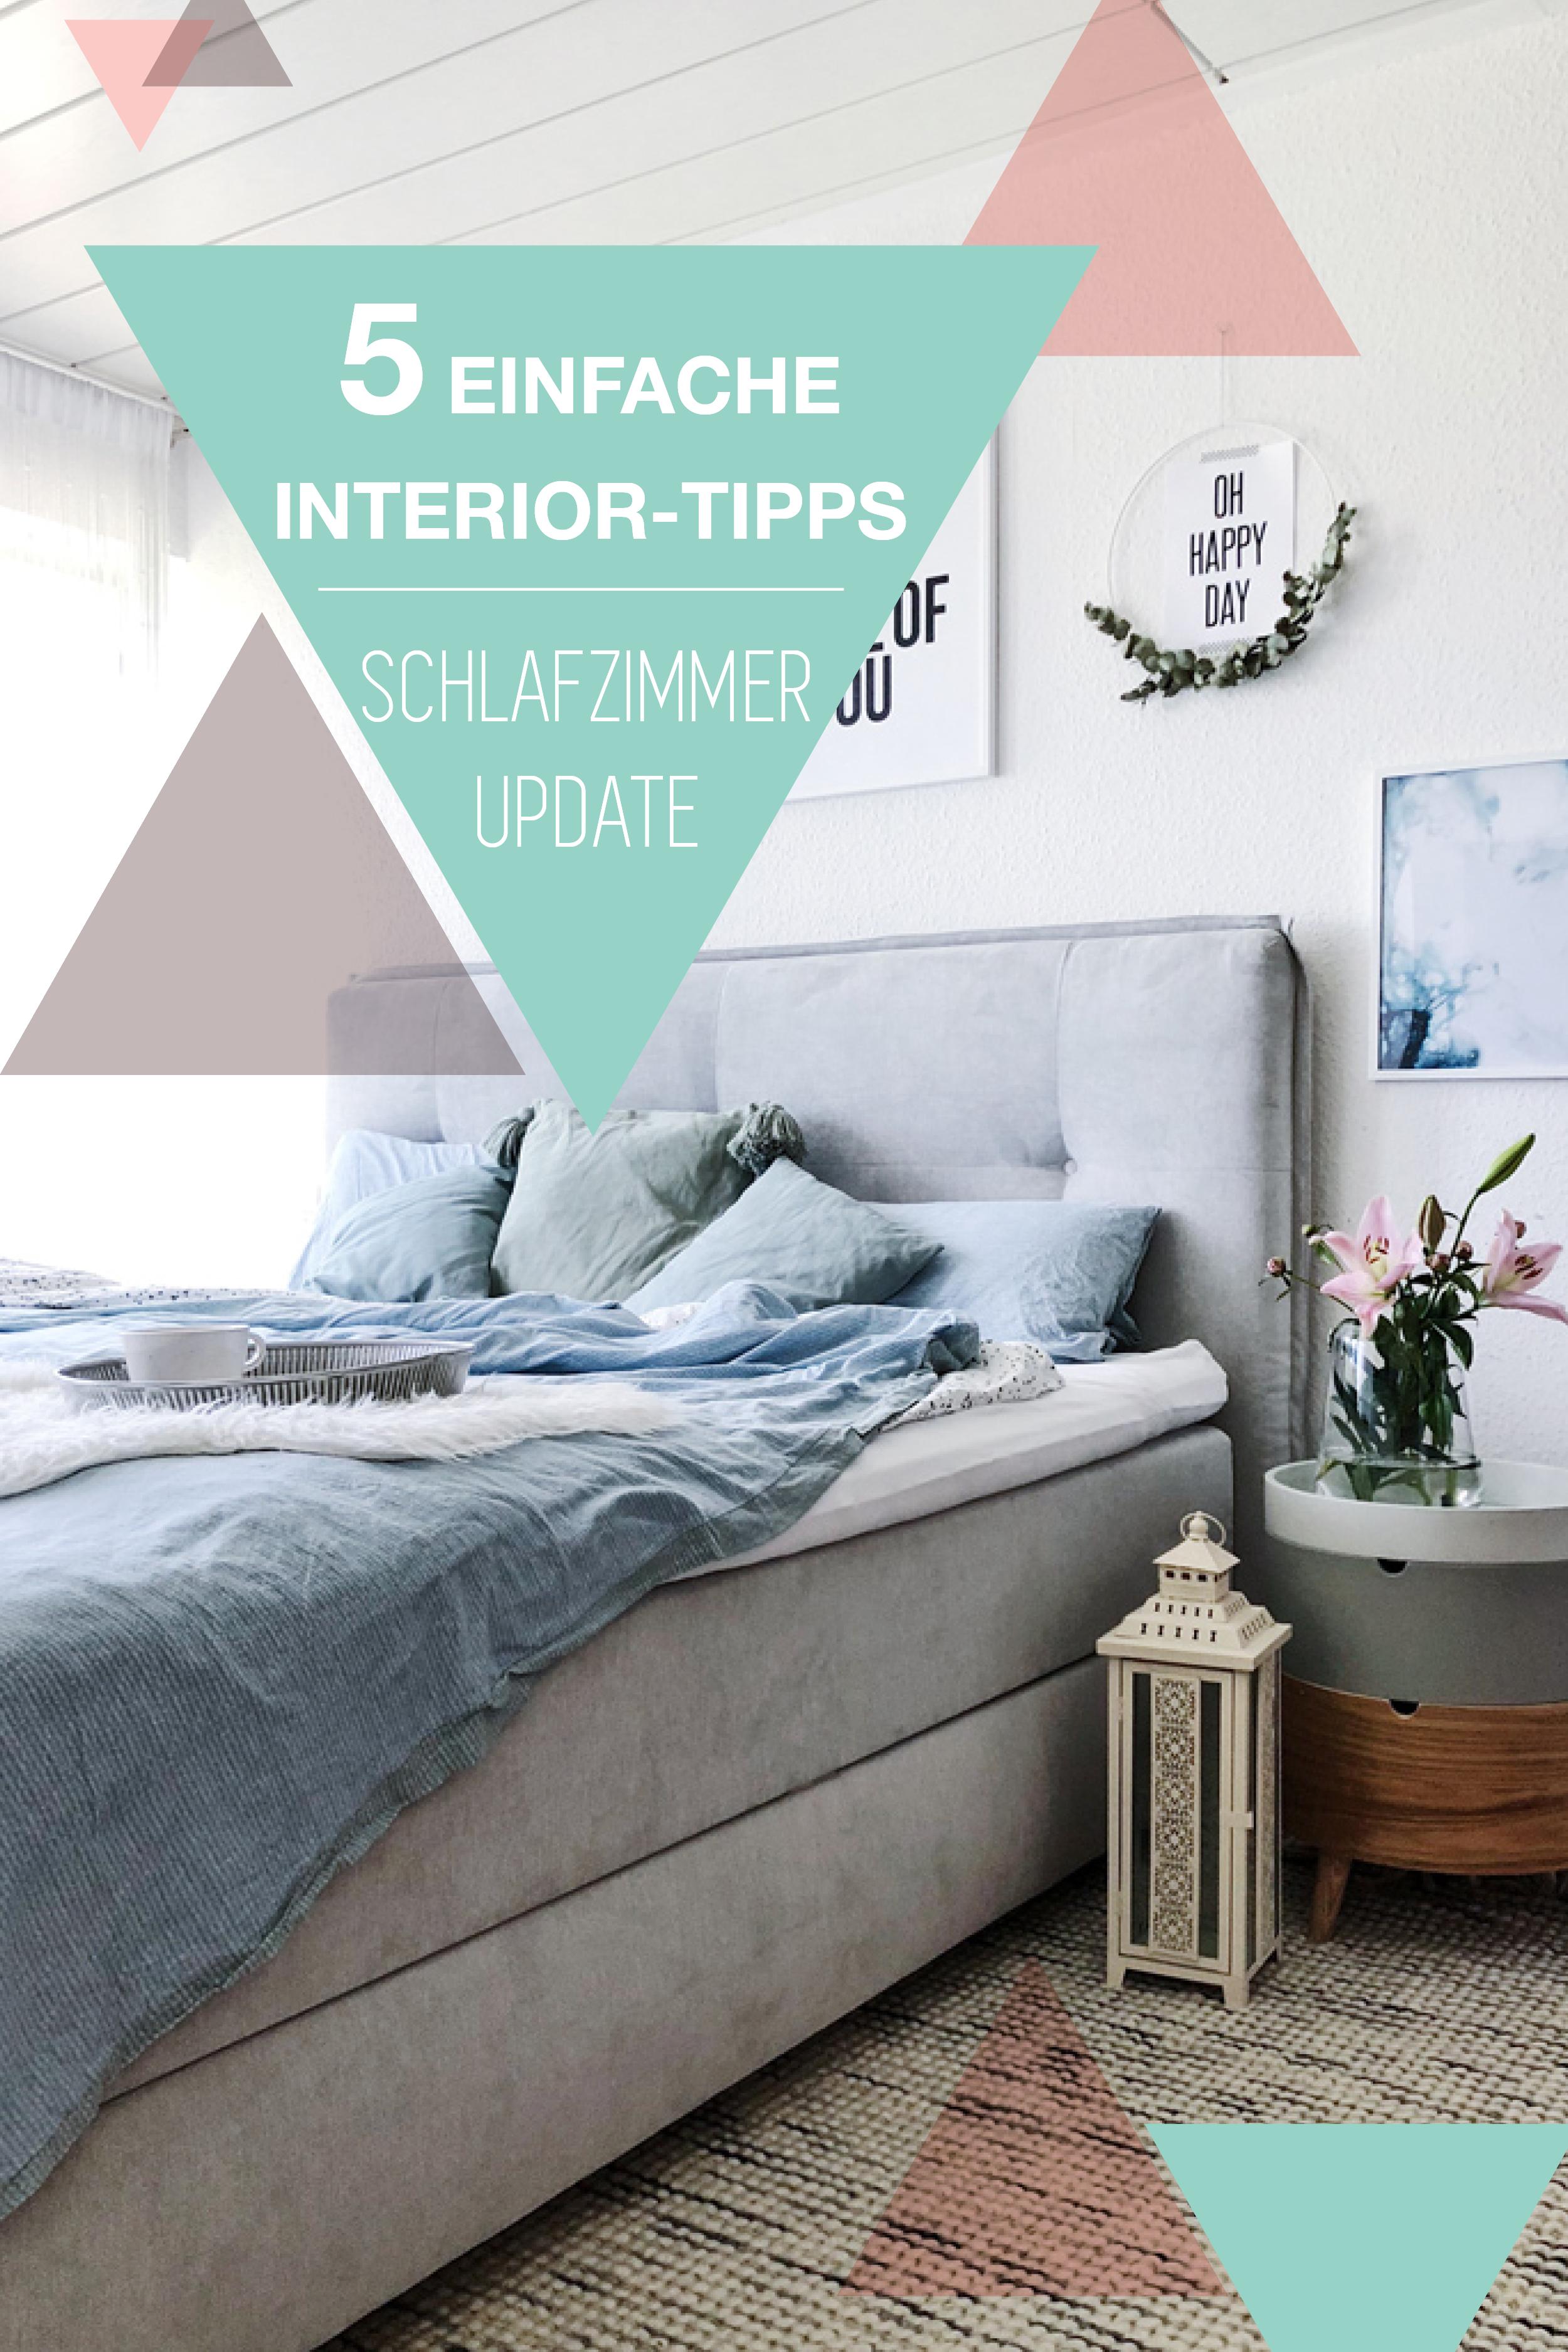 GroBartig Schlafzimmer Einrichten Mit Einfachen Ideen Und Inspiration, Wie Du Dein  Schlafzimmer Gemütlicher Einrichten Kannst.